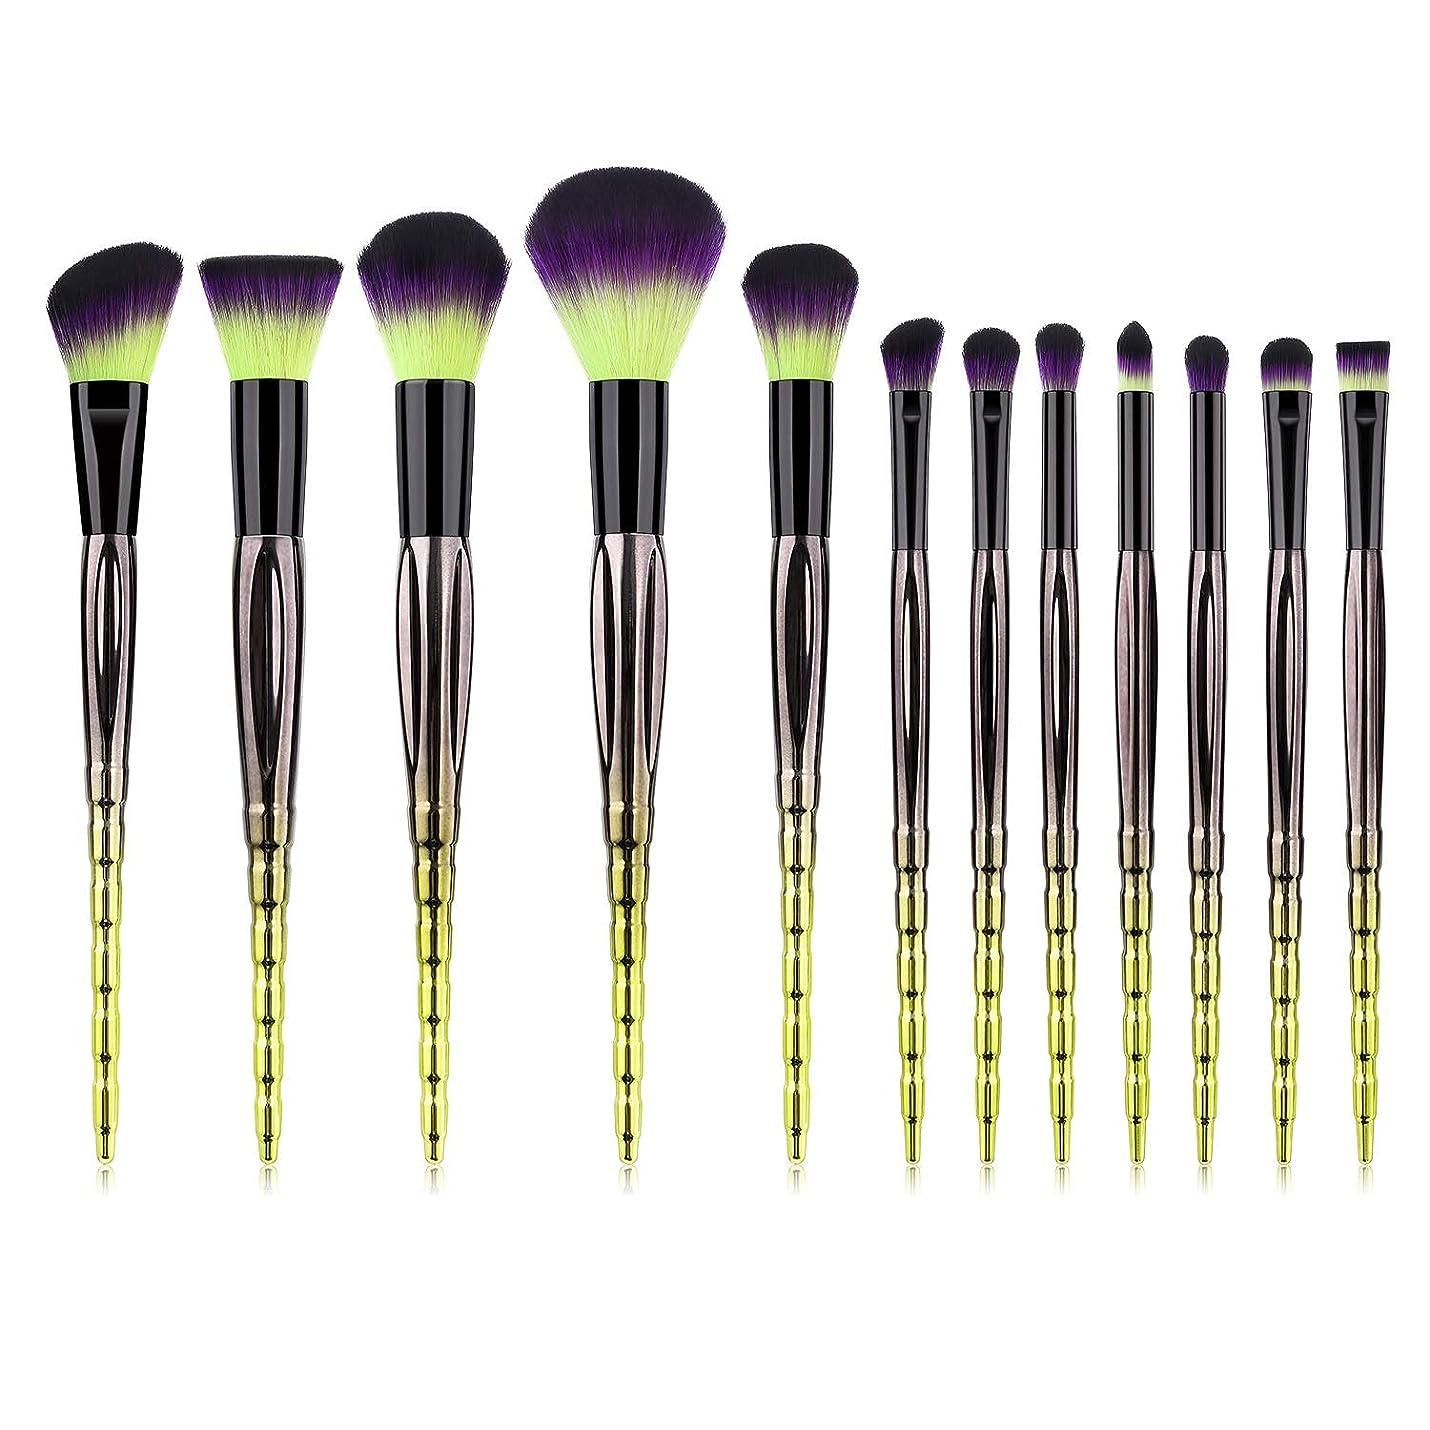 おめでとう慢性的手順仙川 12化粧ブラシファンデーションブラシパウダーアイシャドウブラシピンクシルエットブラシセットグリーン (Color : Green Black)